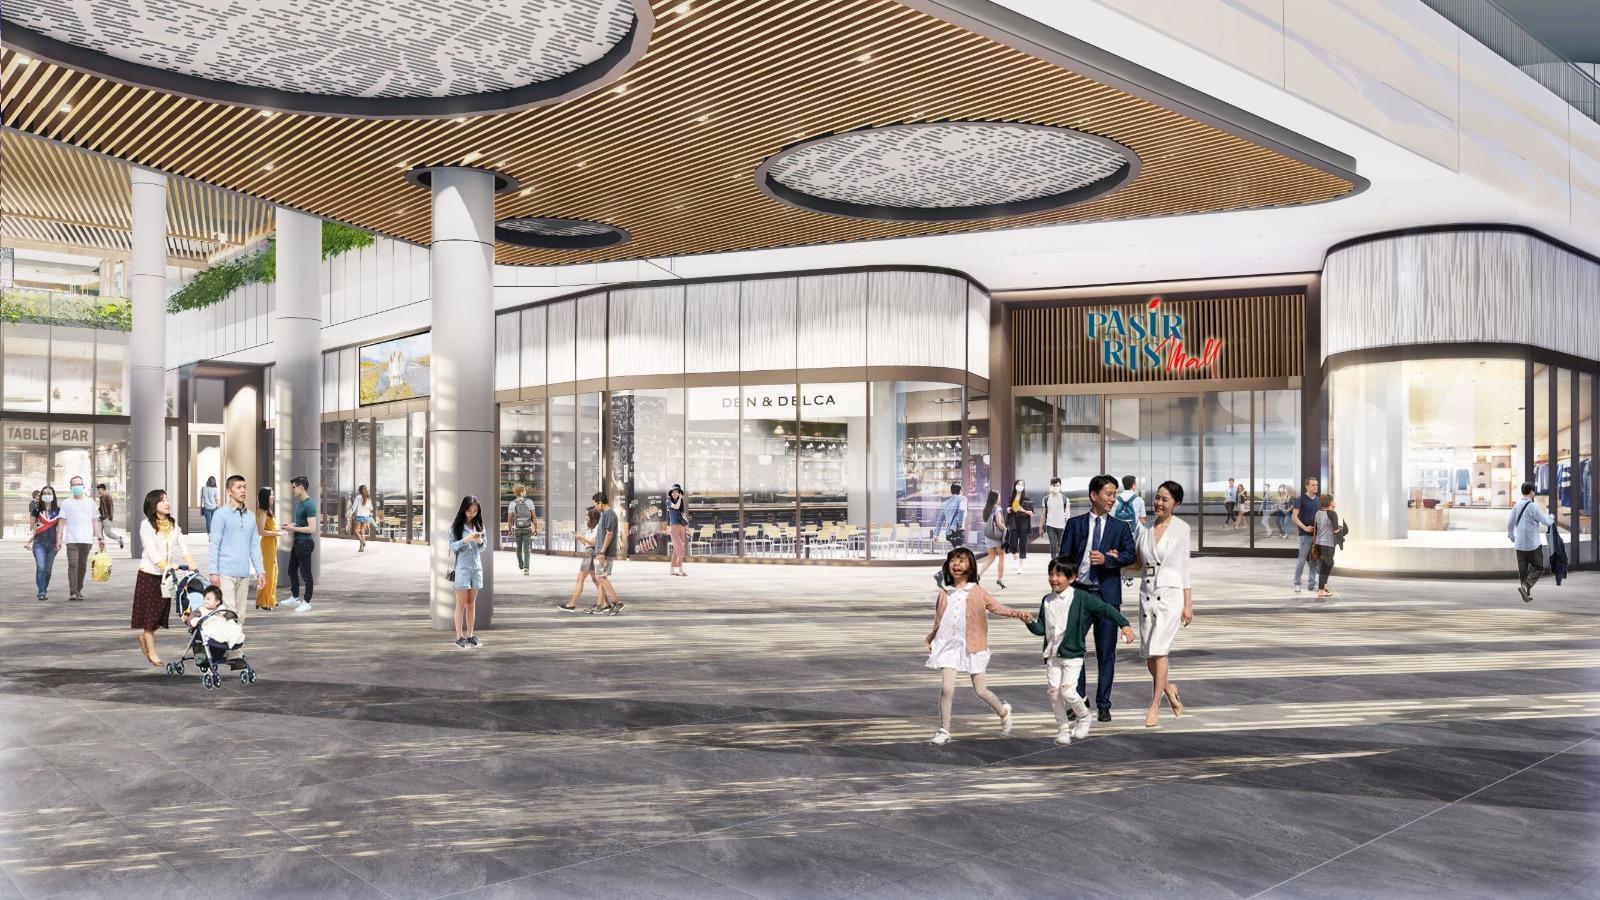 Pasir Ris 8 Mall